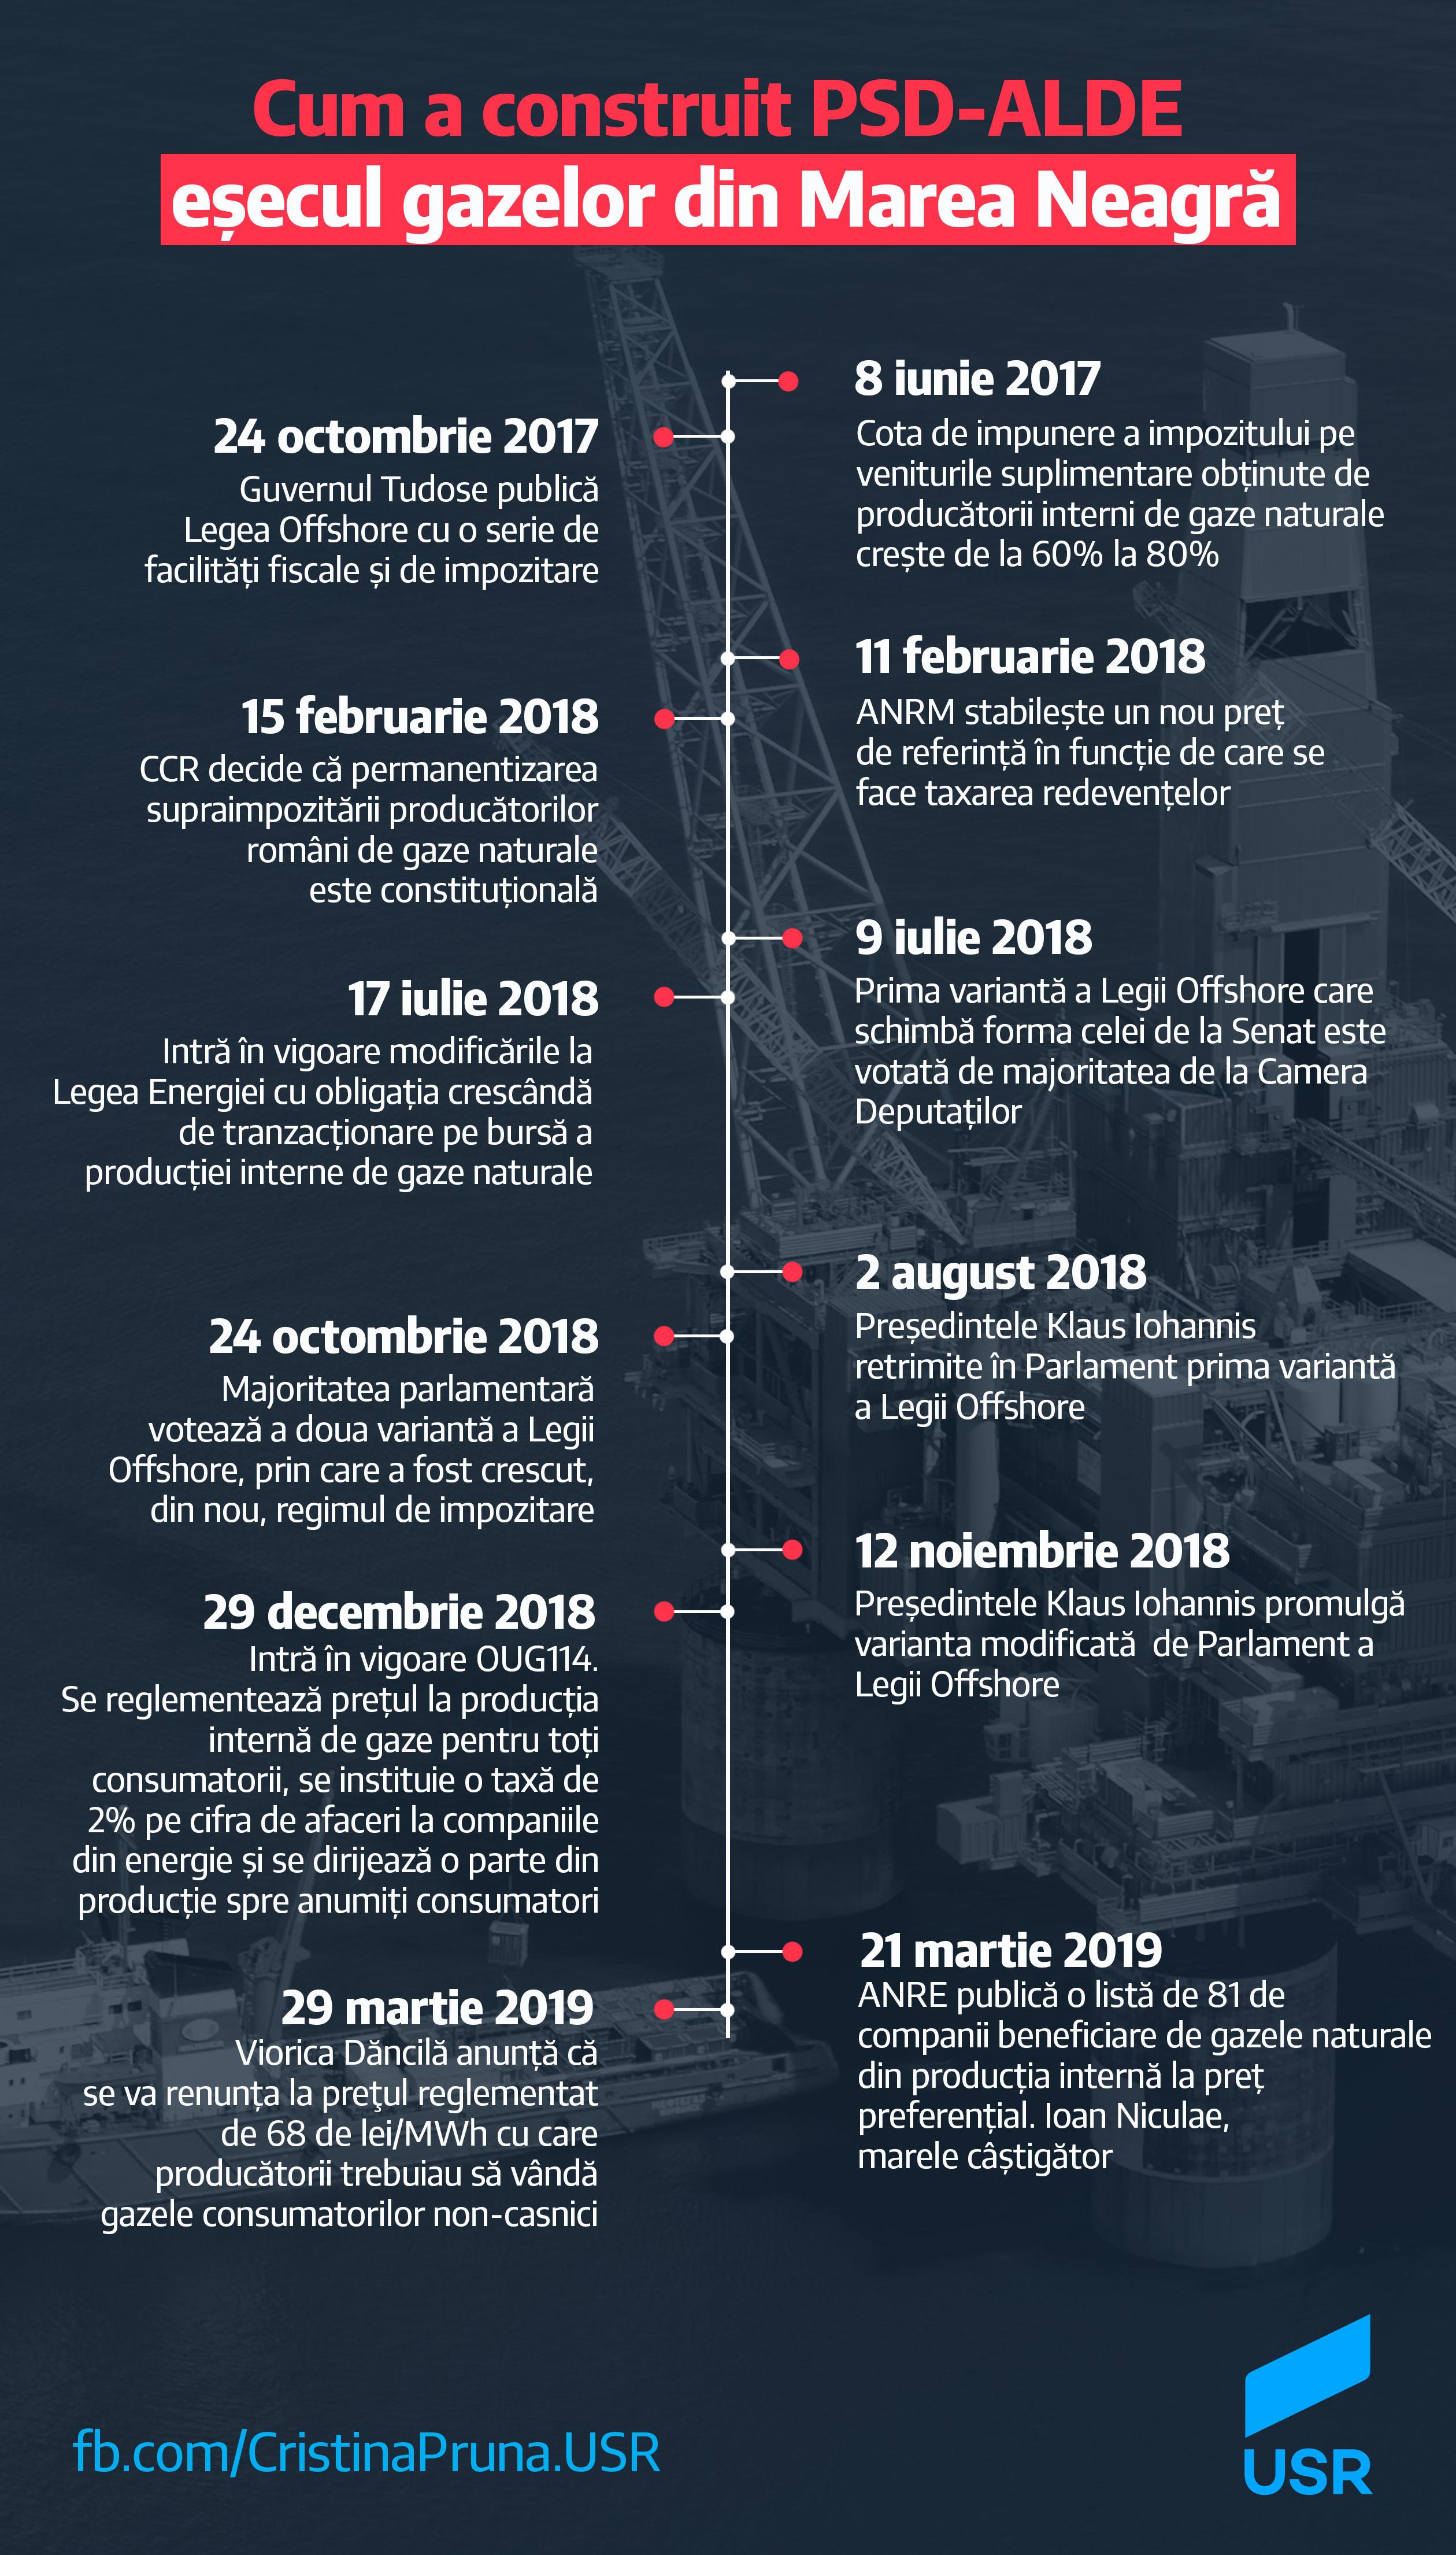 Cum a construit PSD-ALDE eșecul gazelor din Marea Neagră?